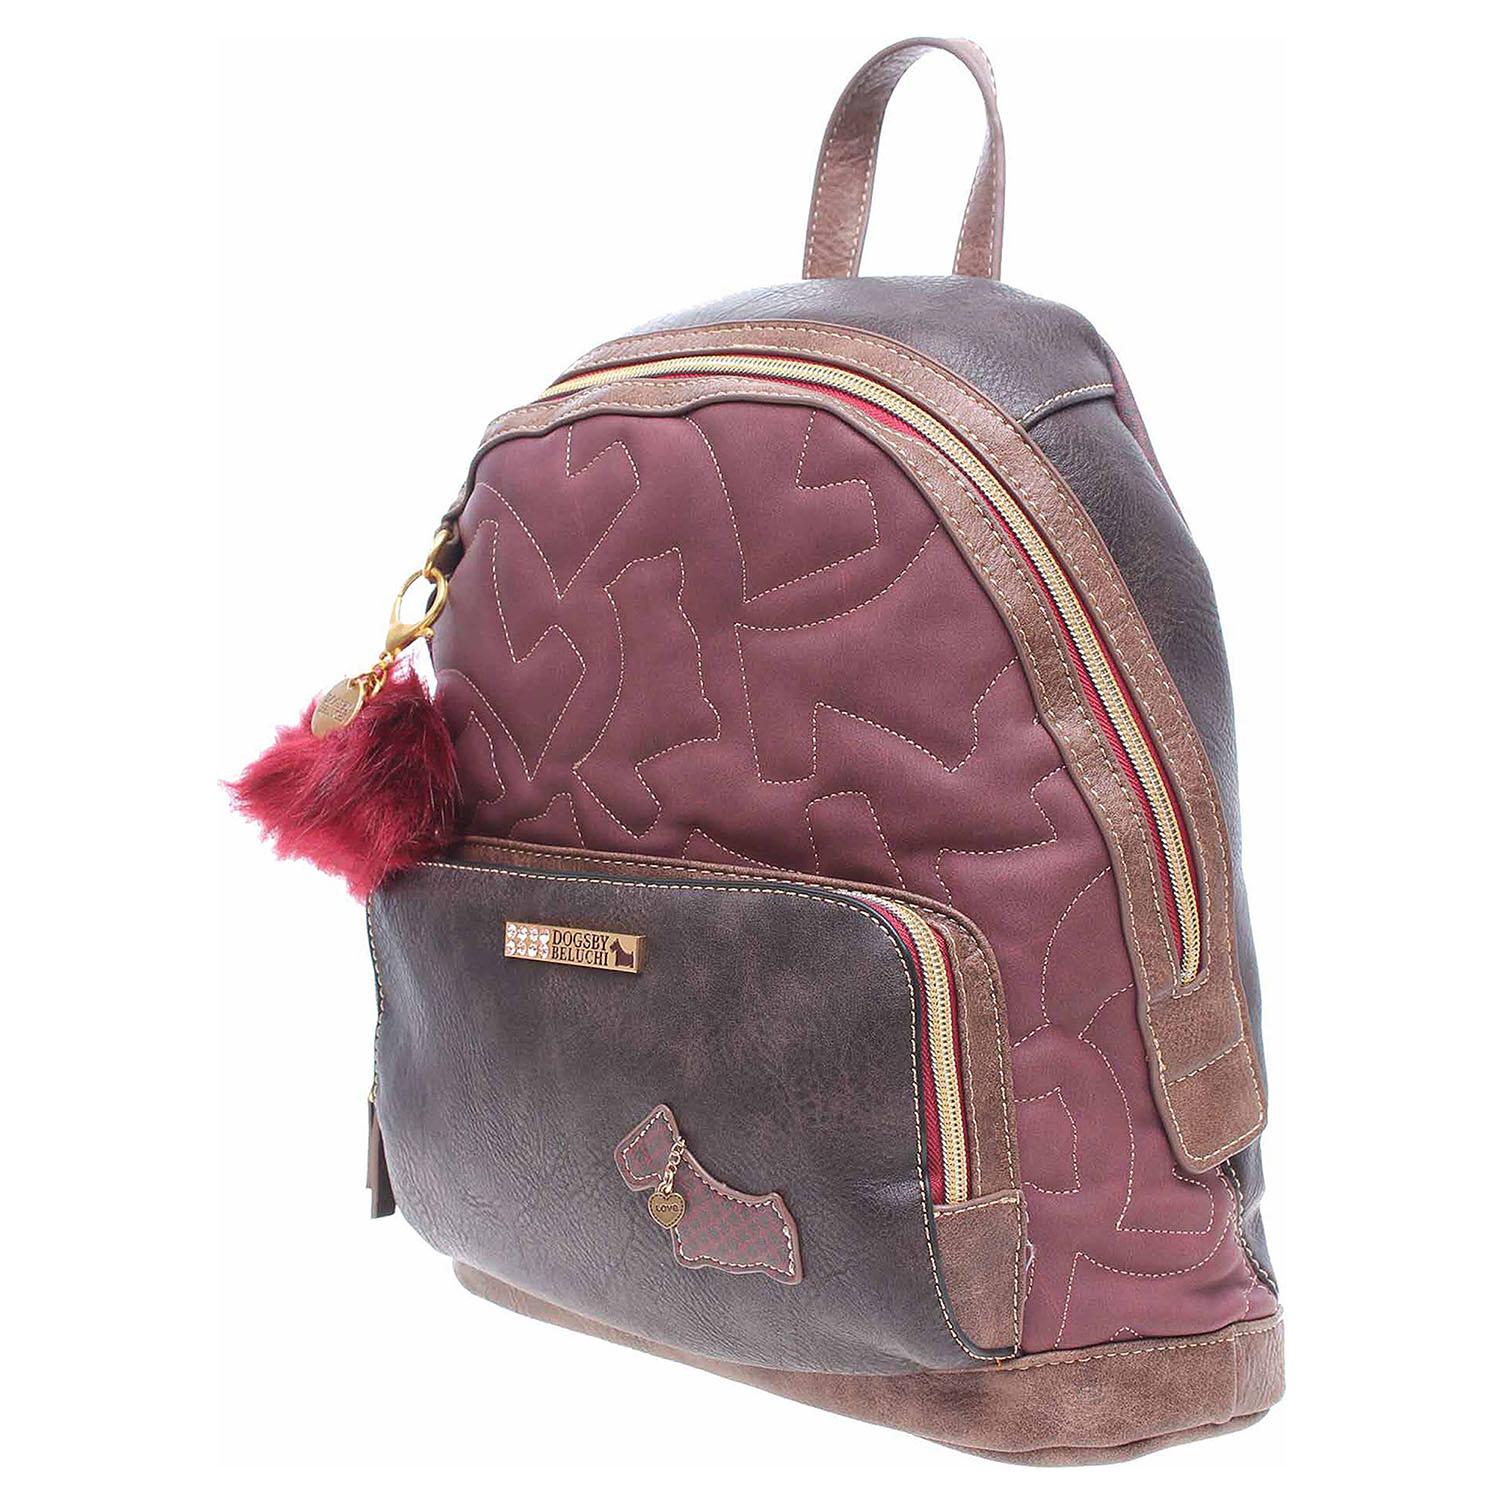 Ecco Dogsbybeluchi dámský batůžek 25415-1 marron 11601285